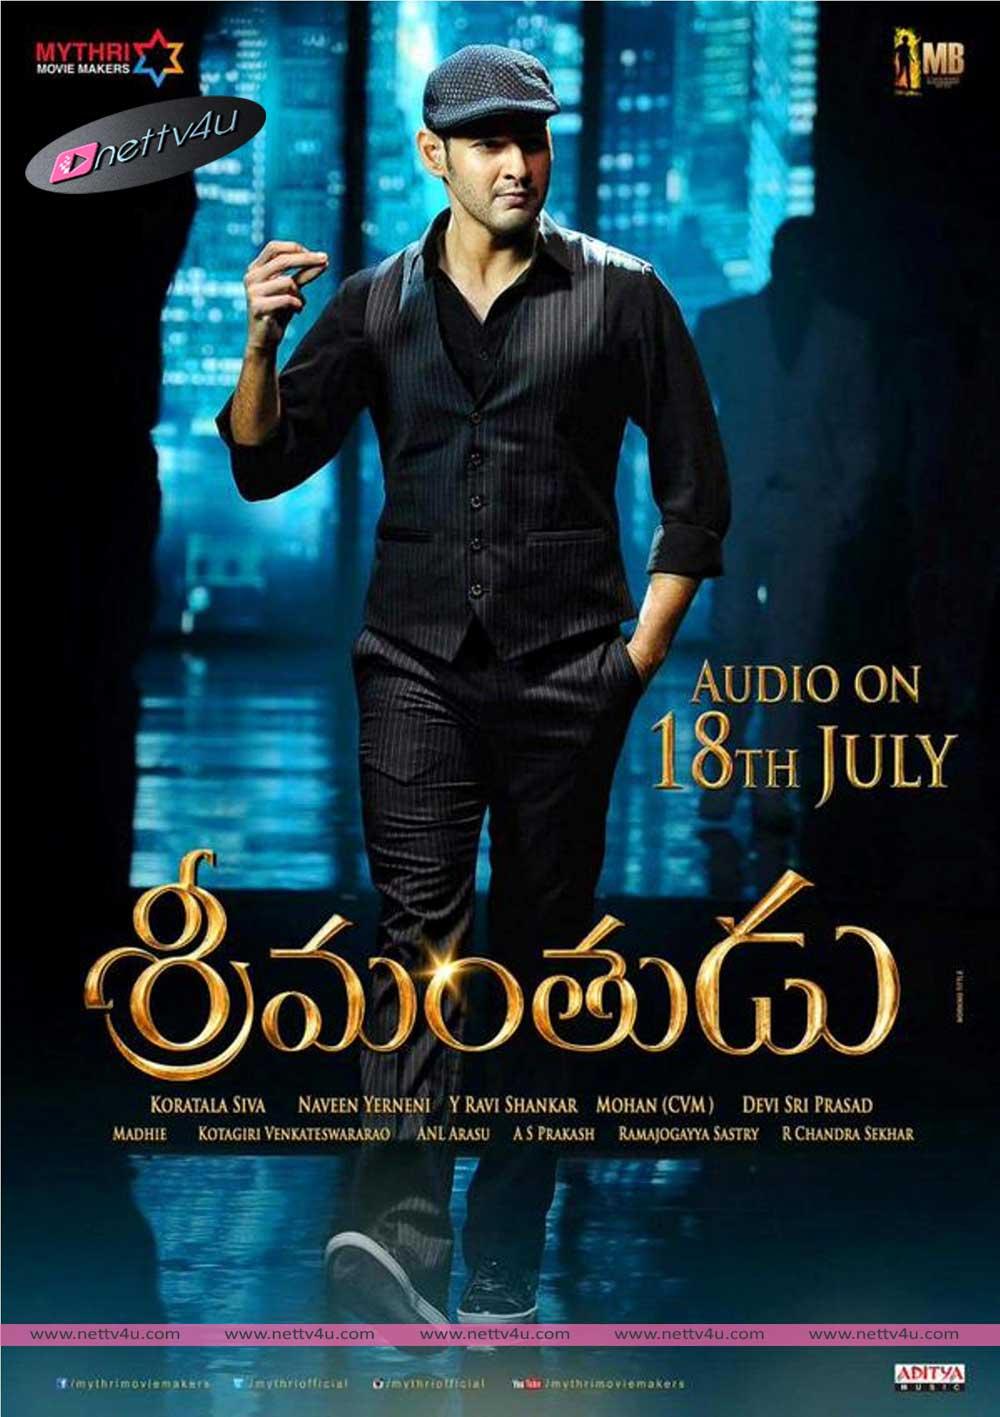 Telugu Actor Mahesh Babu Srimanthudu Poster Design